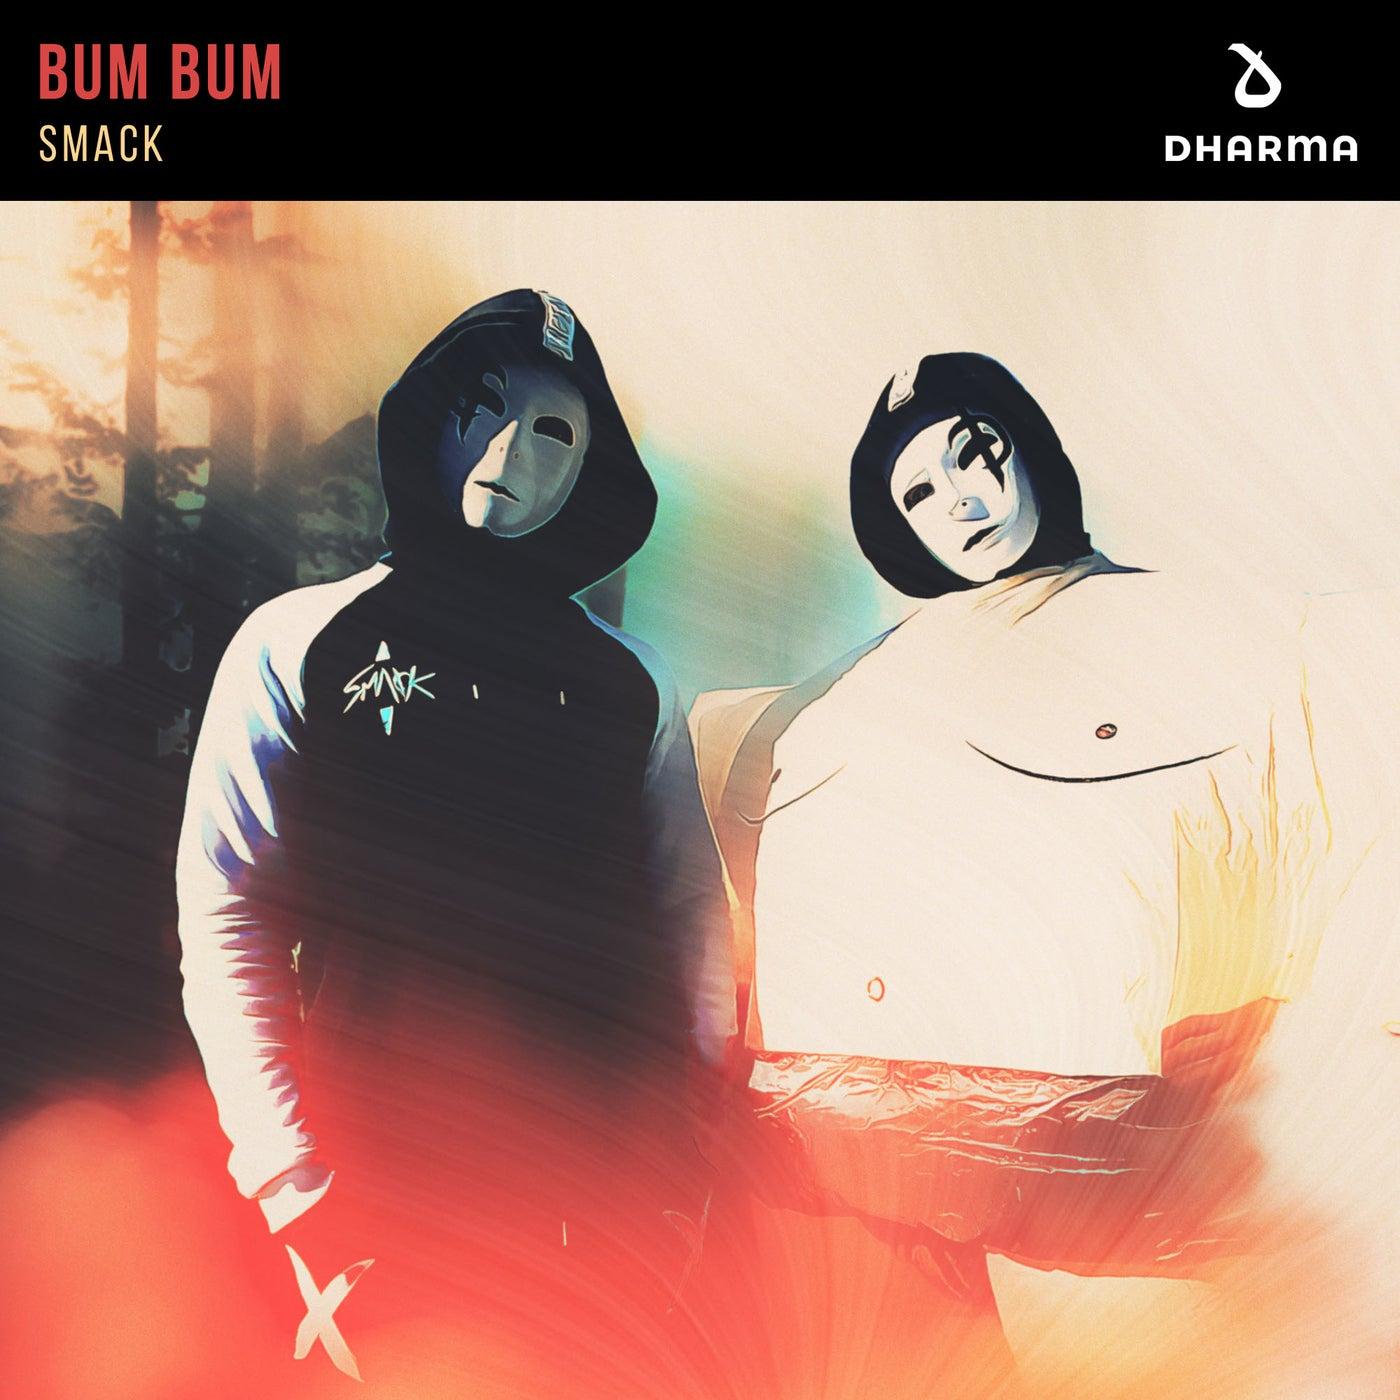 Bum Bum (Extended Mix)